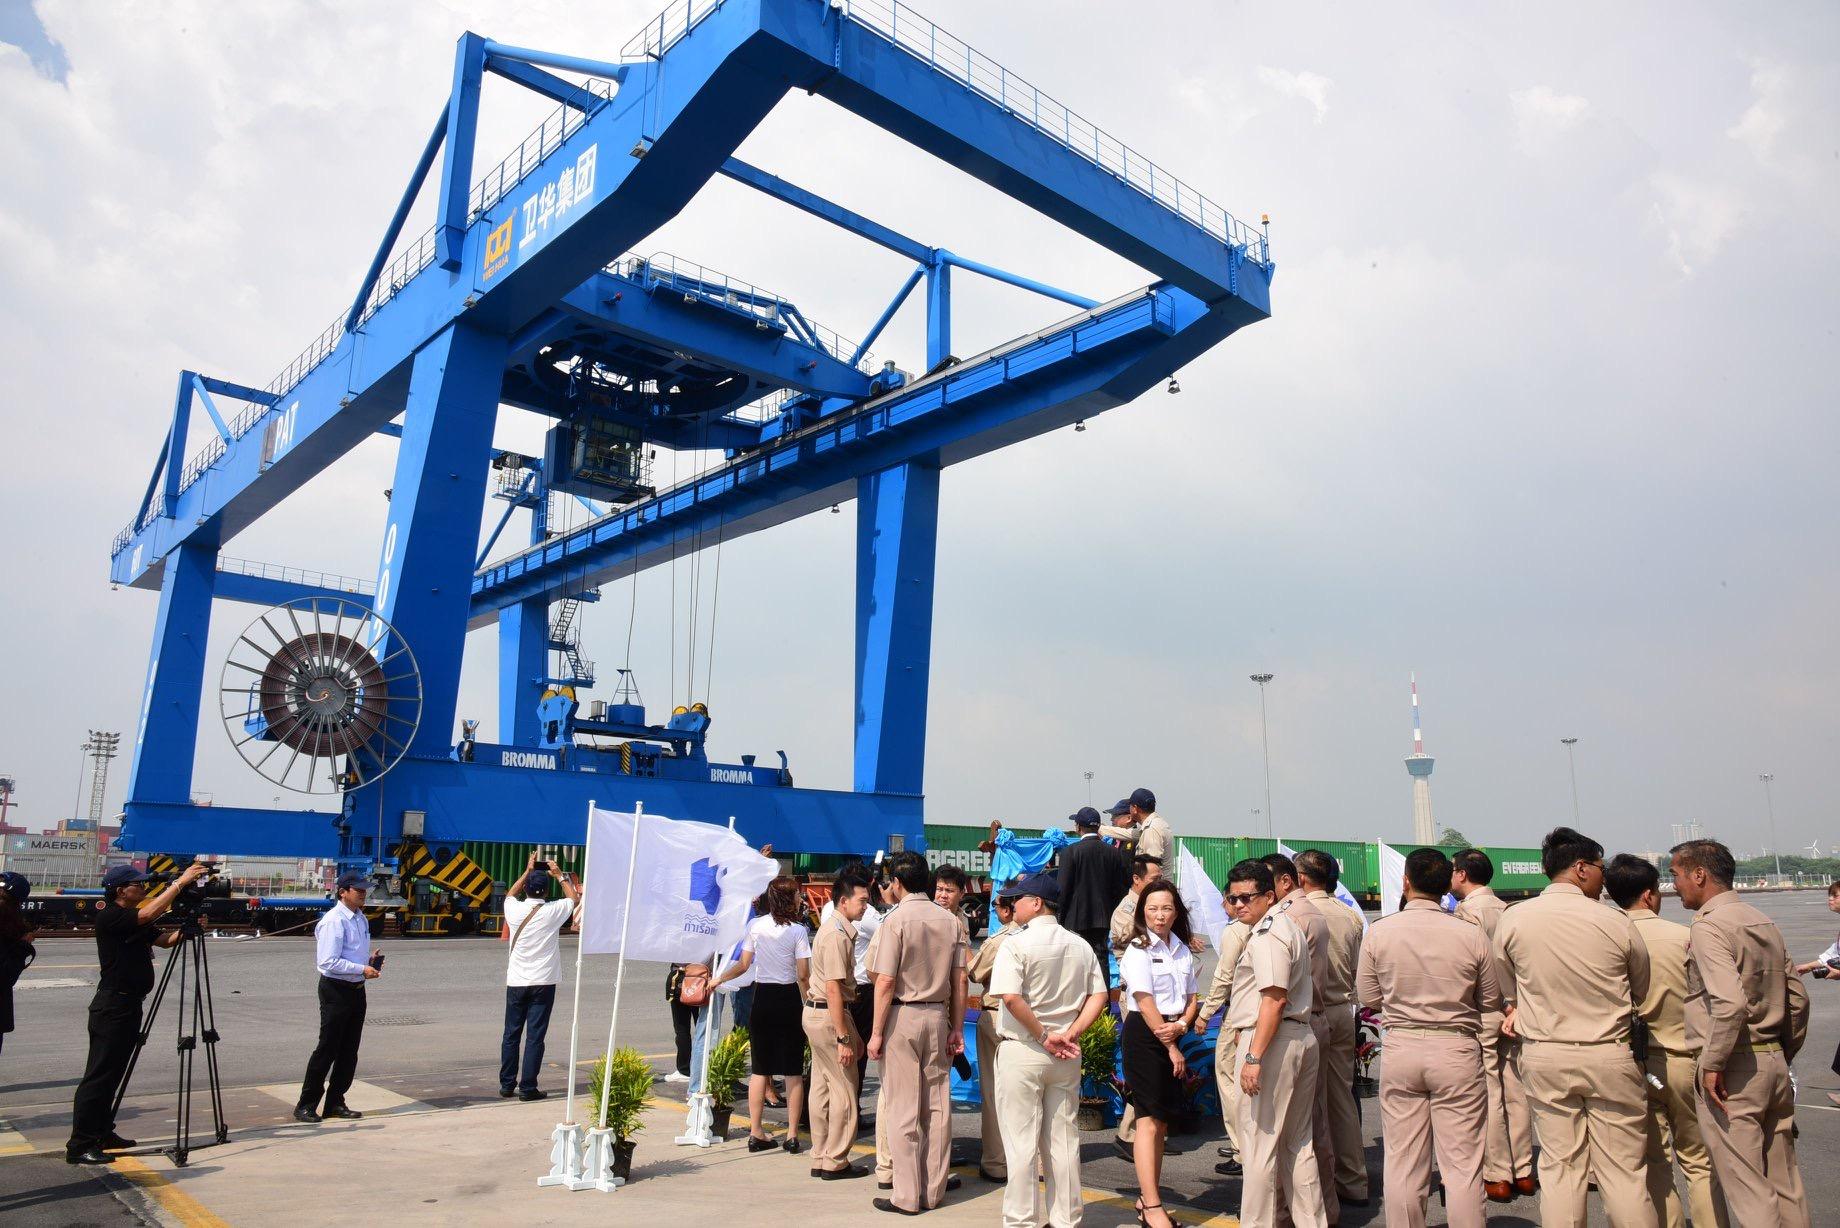 แหลมฉบัง เปิดใช้ศูนย์ขนส่งทางราง SRTO  เพิ่มขนส่งทางรางเข้าท่าเรือ 25%